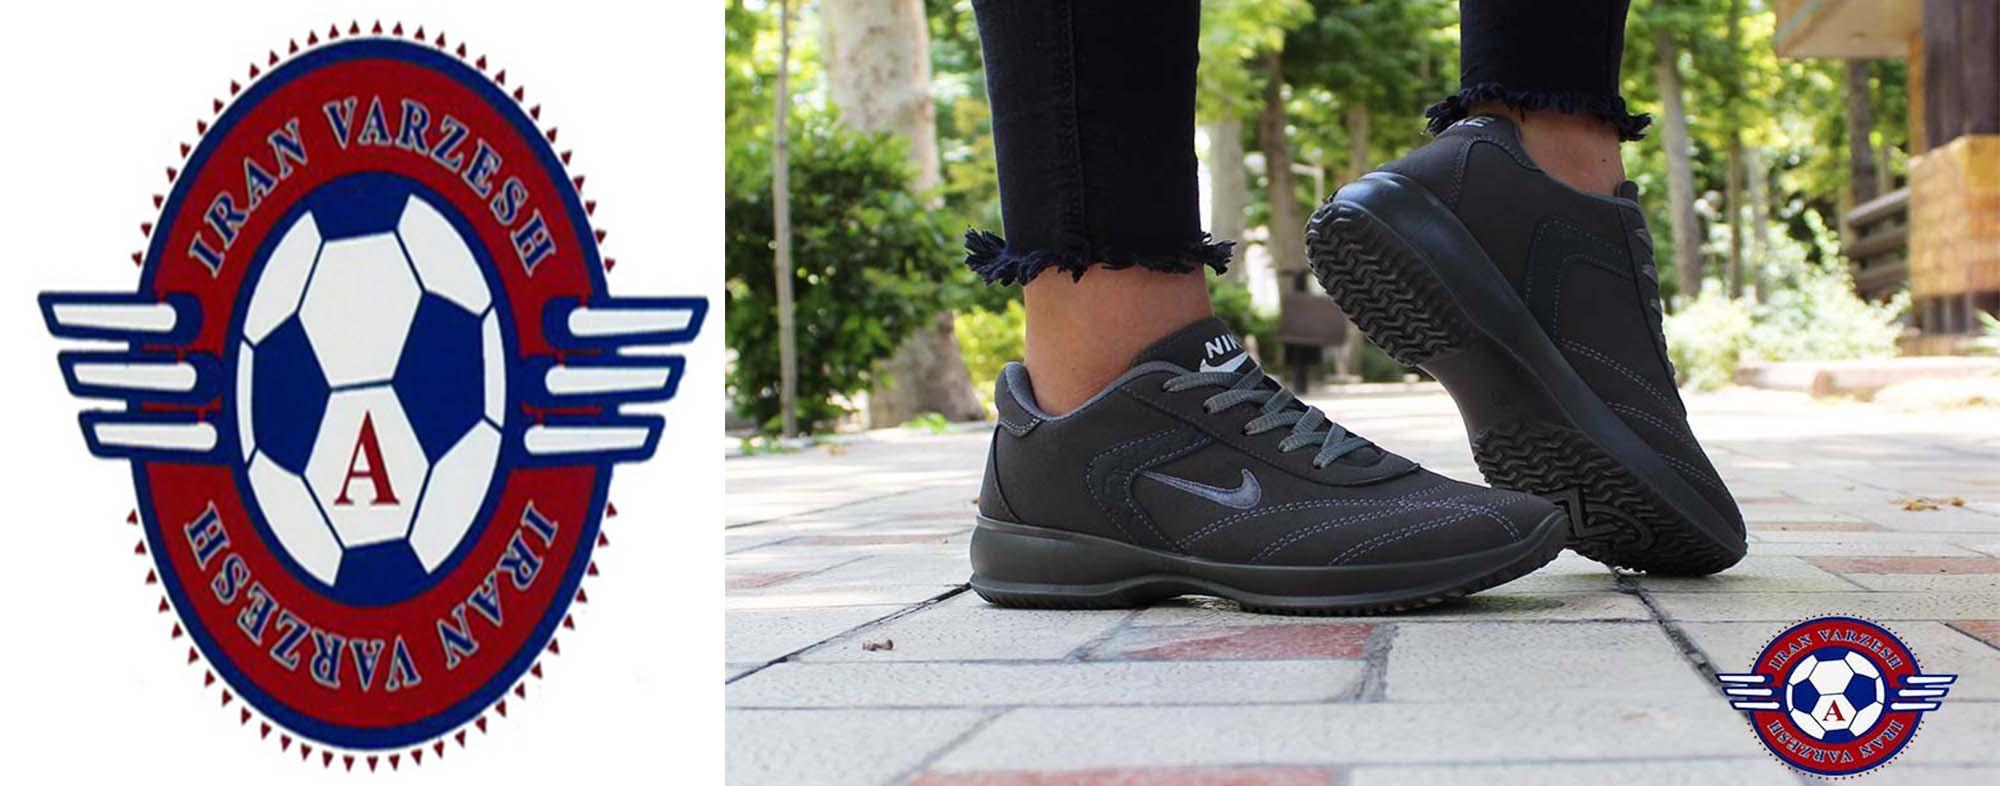 کفش ایران ورزش ( iran varzesh ) اسحاقی